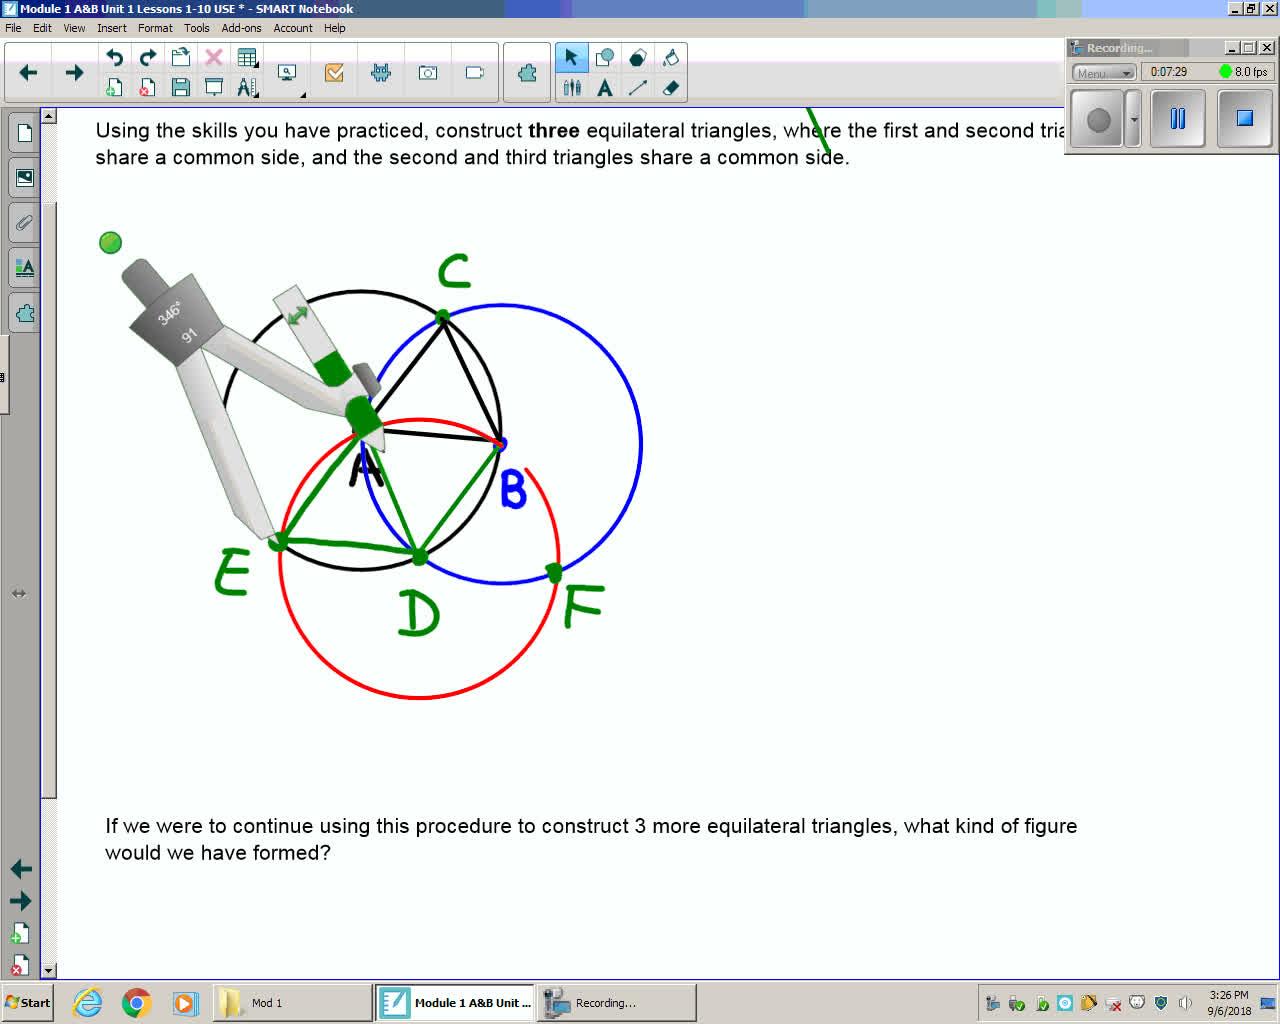 Mod 1 Lesson 2